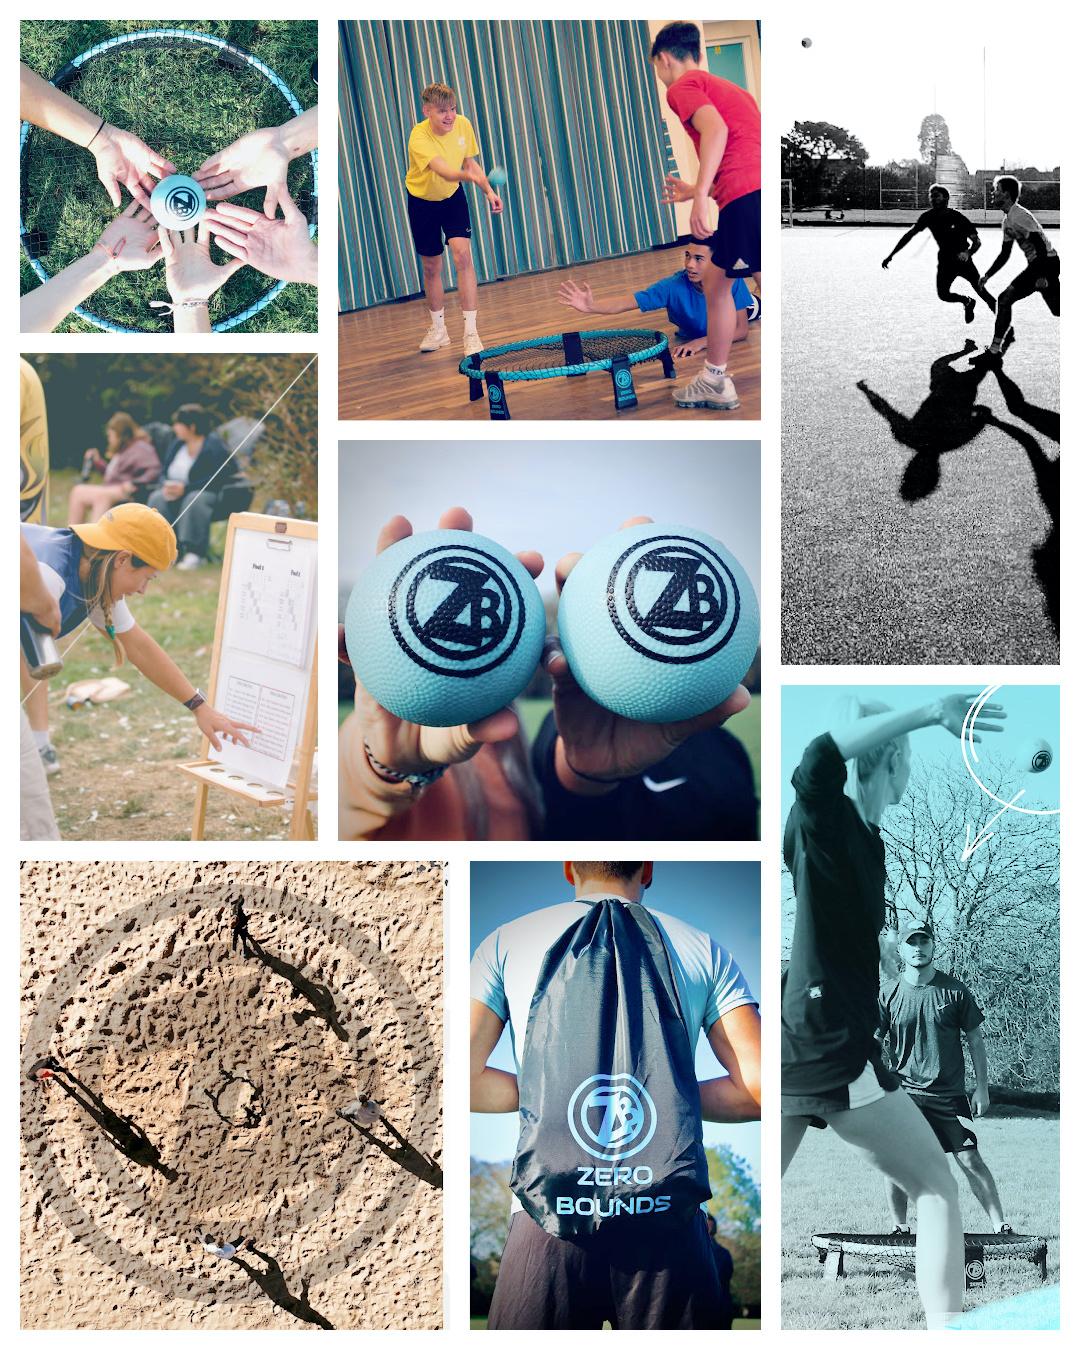 Zero Bounds Collage